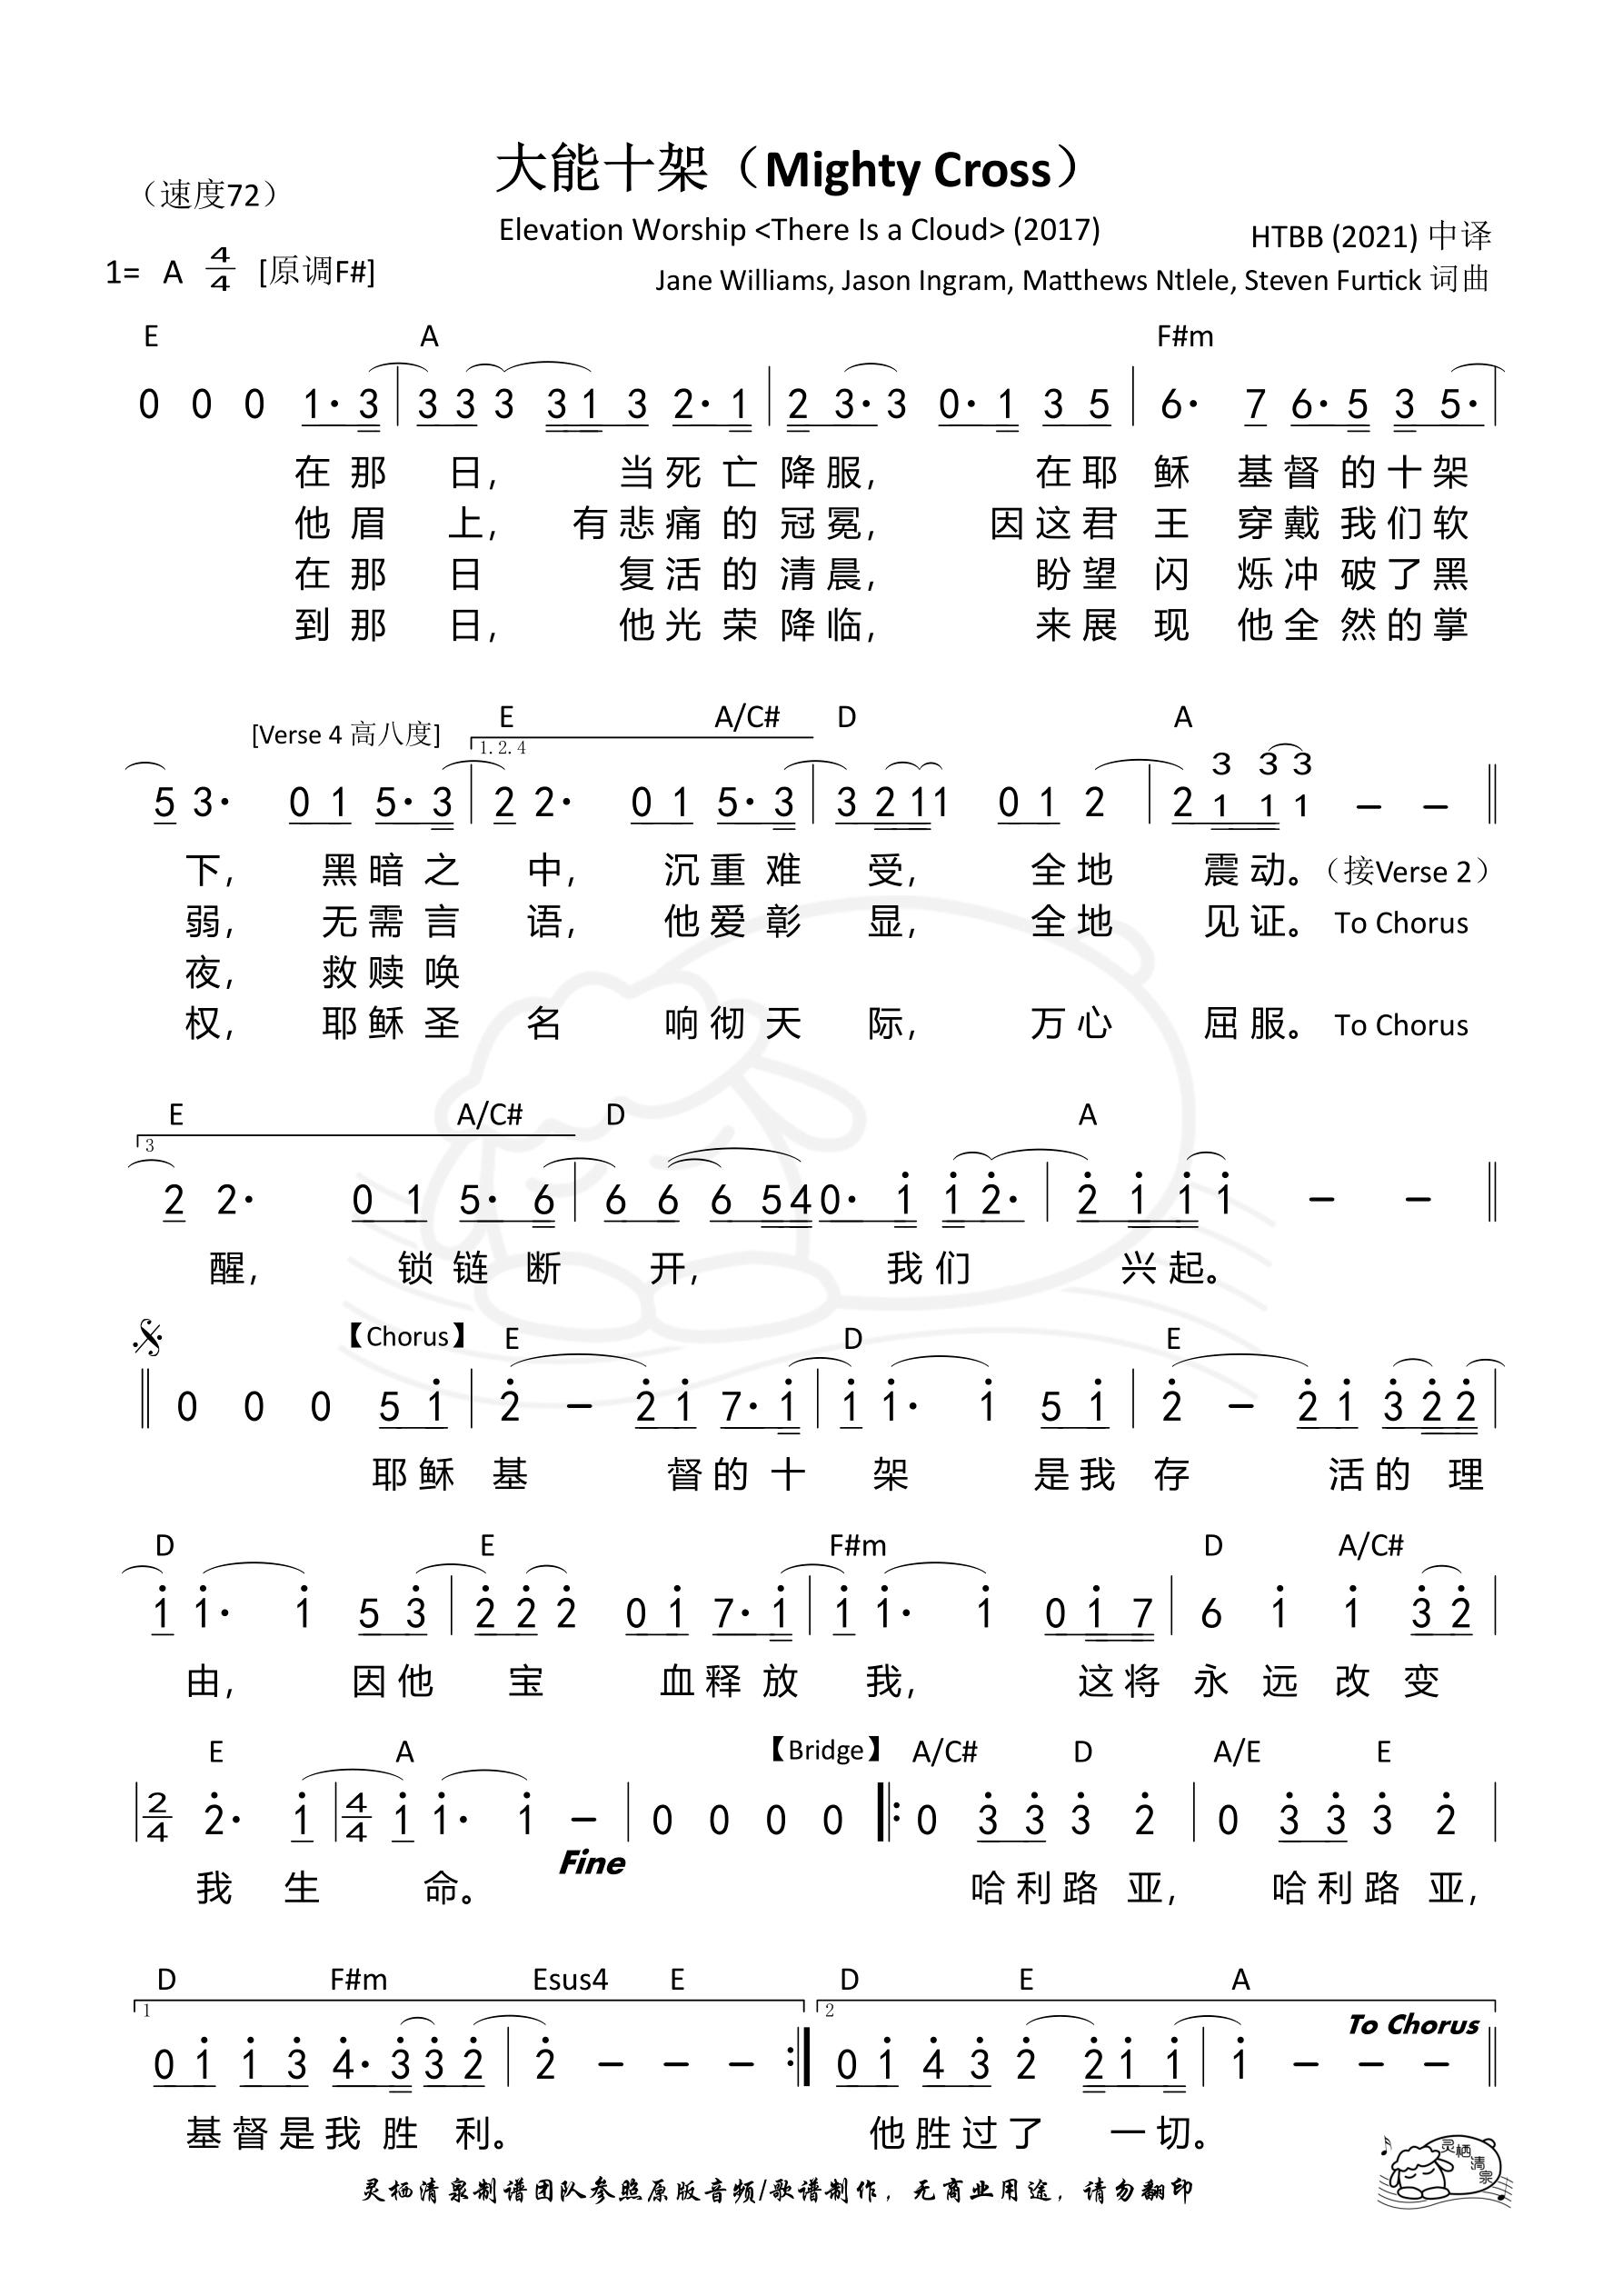 《第988首 - 大能十架(Mighty Cross)和弦简谱》